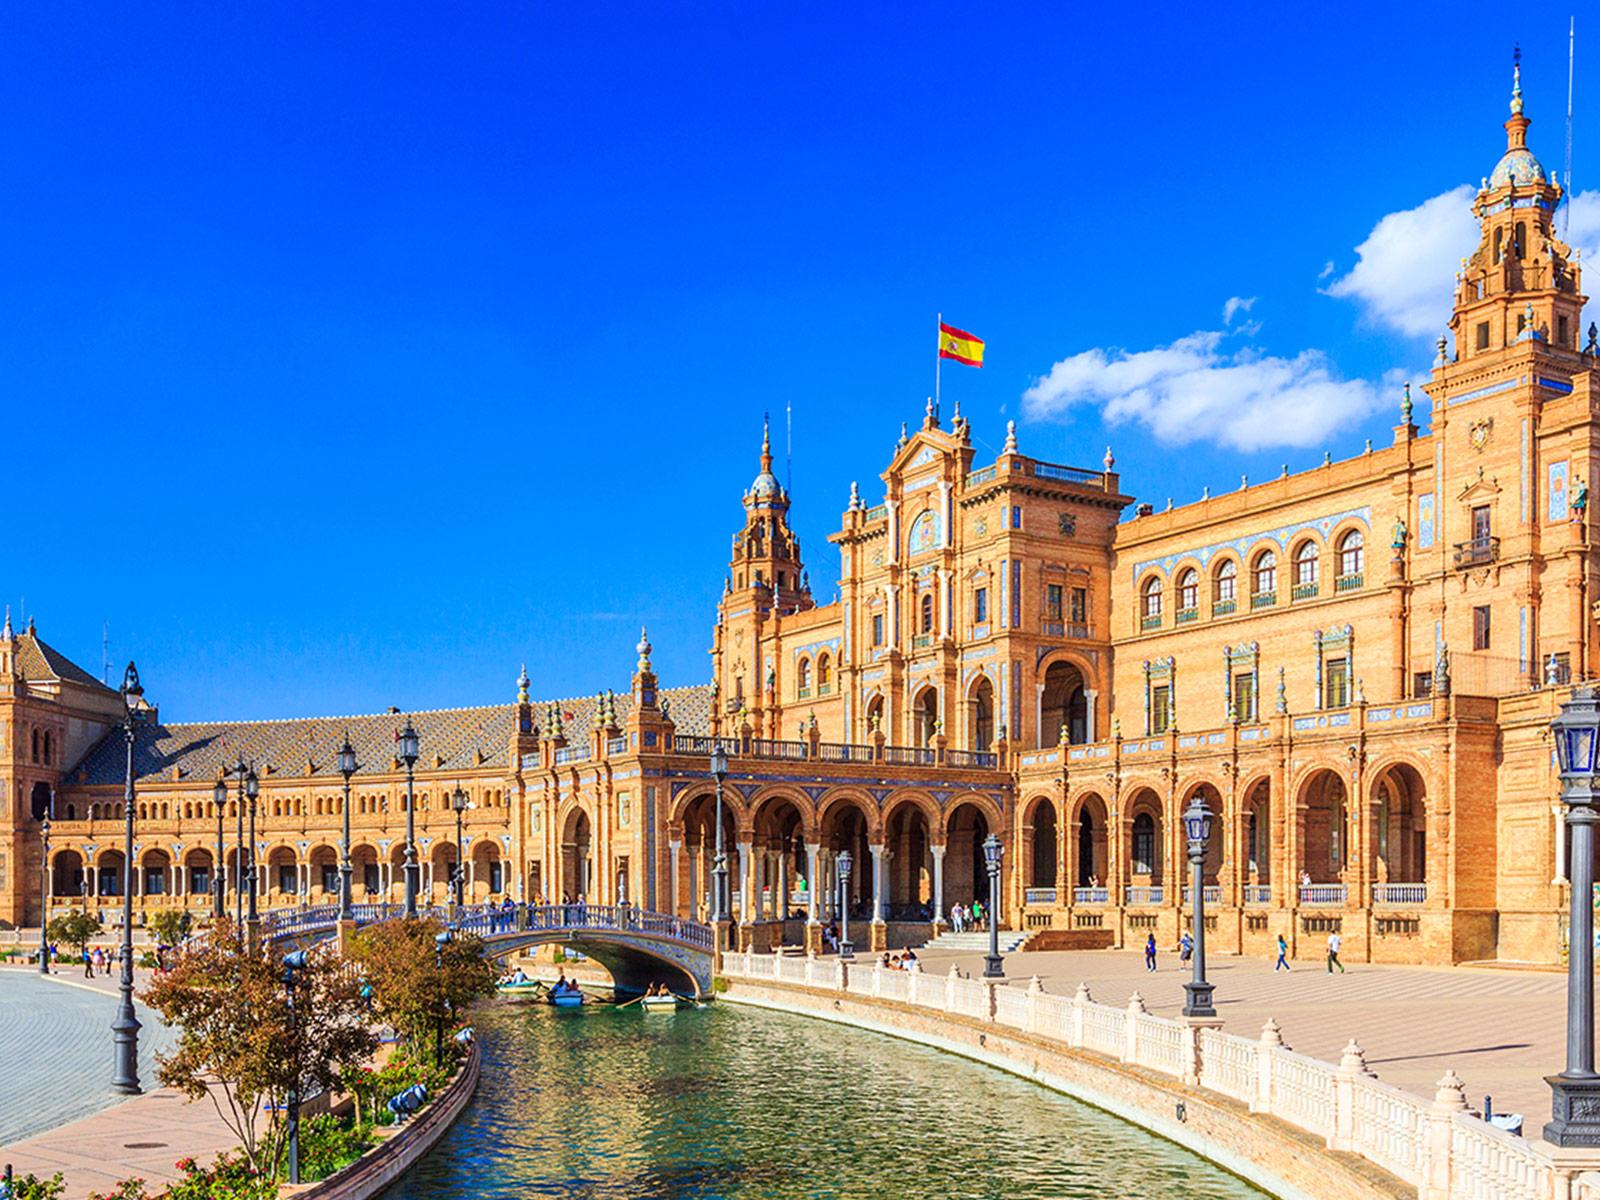 El ladrillo en el tiempo - Plaza de España, Sevilla